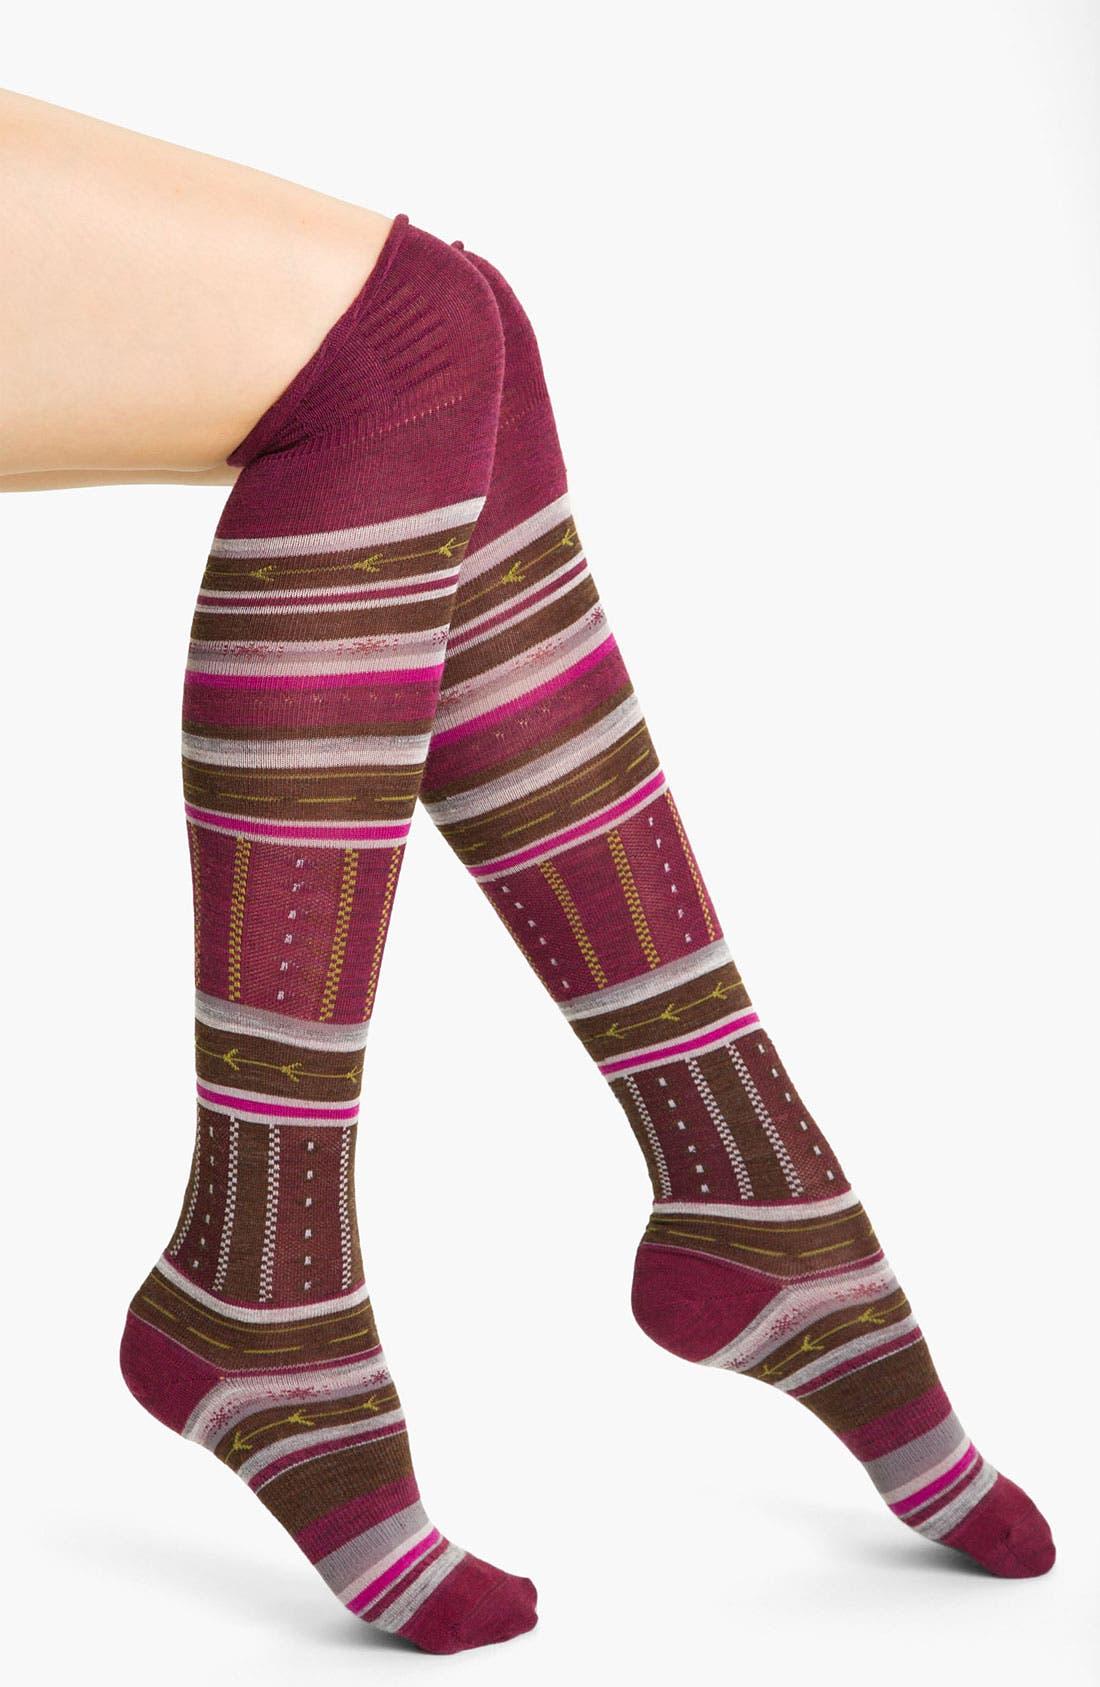 Alternate Image 1 Selected - Smartwool 'Gleaming Seedling' Knee Socks